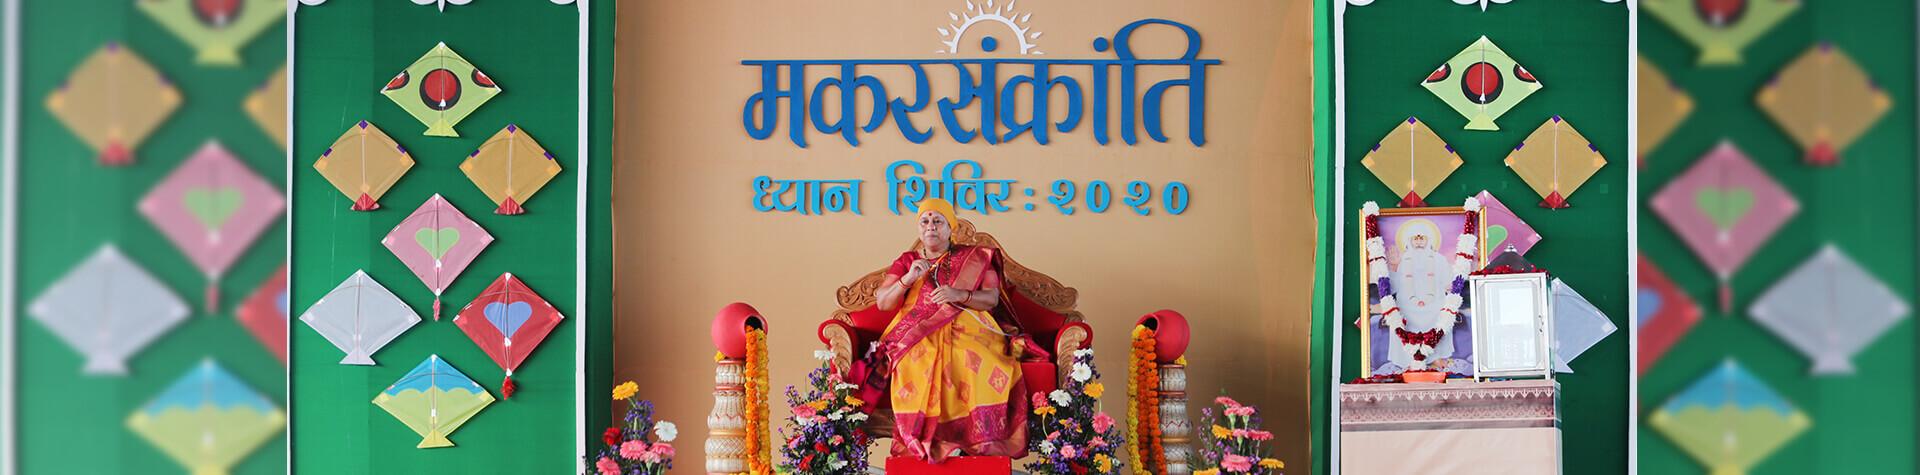 Makar Sankranti Parv